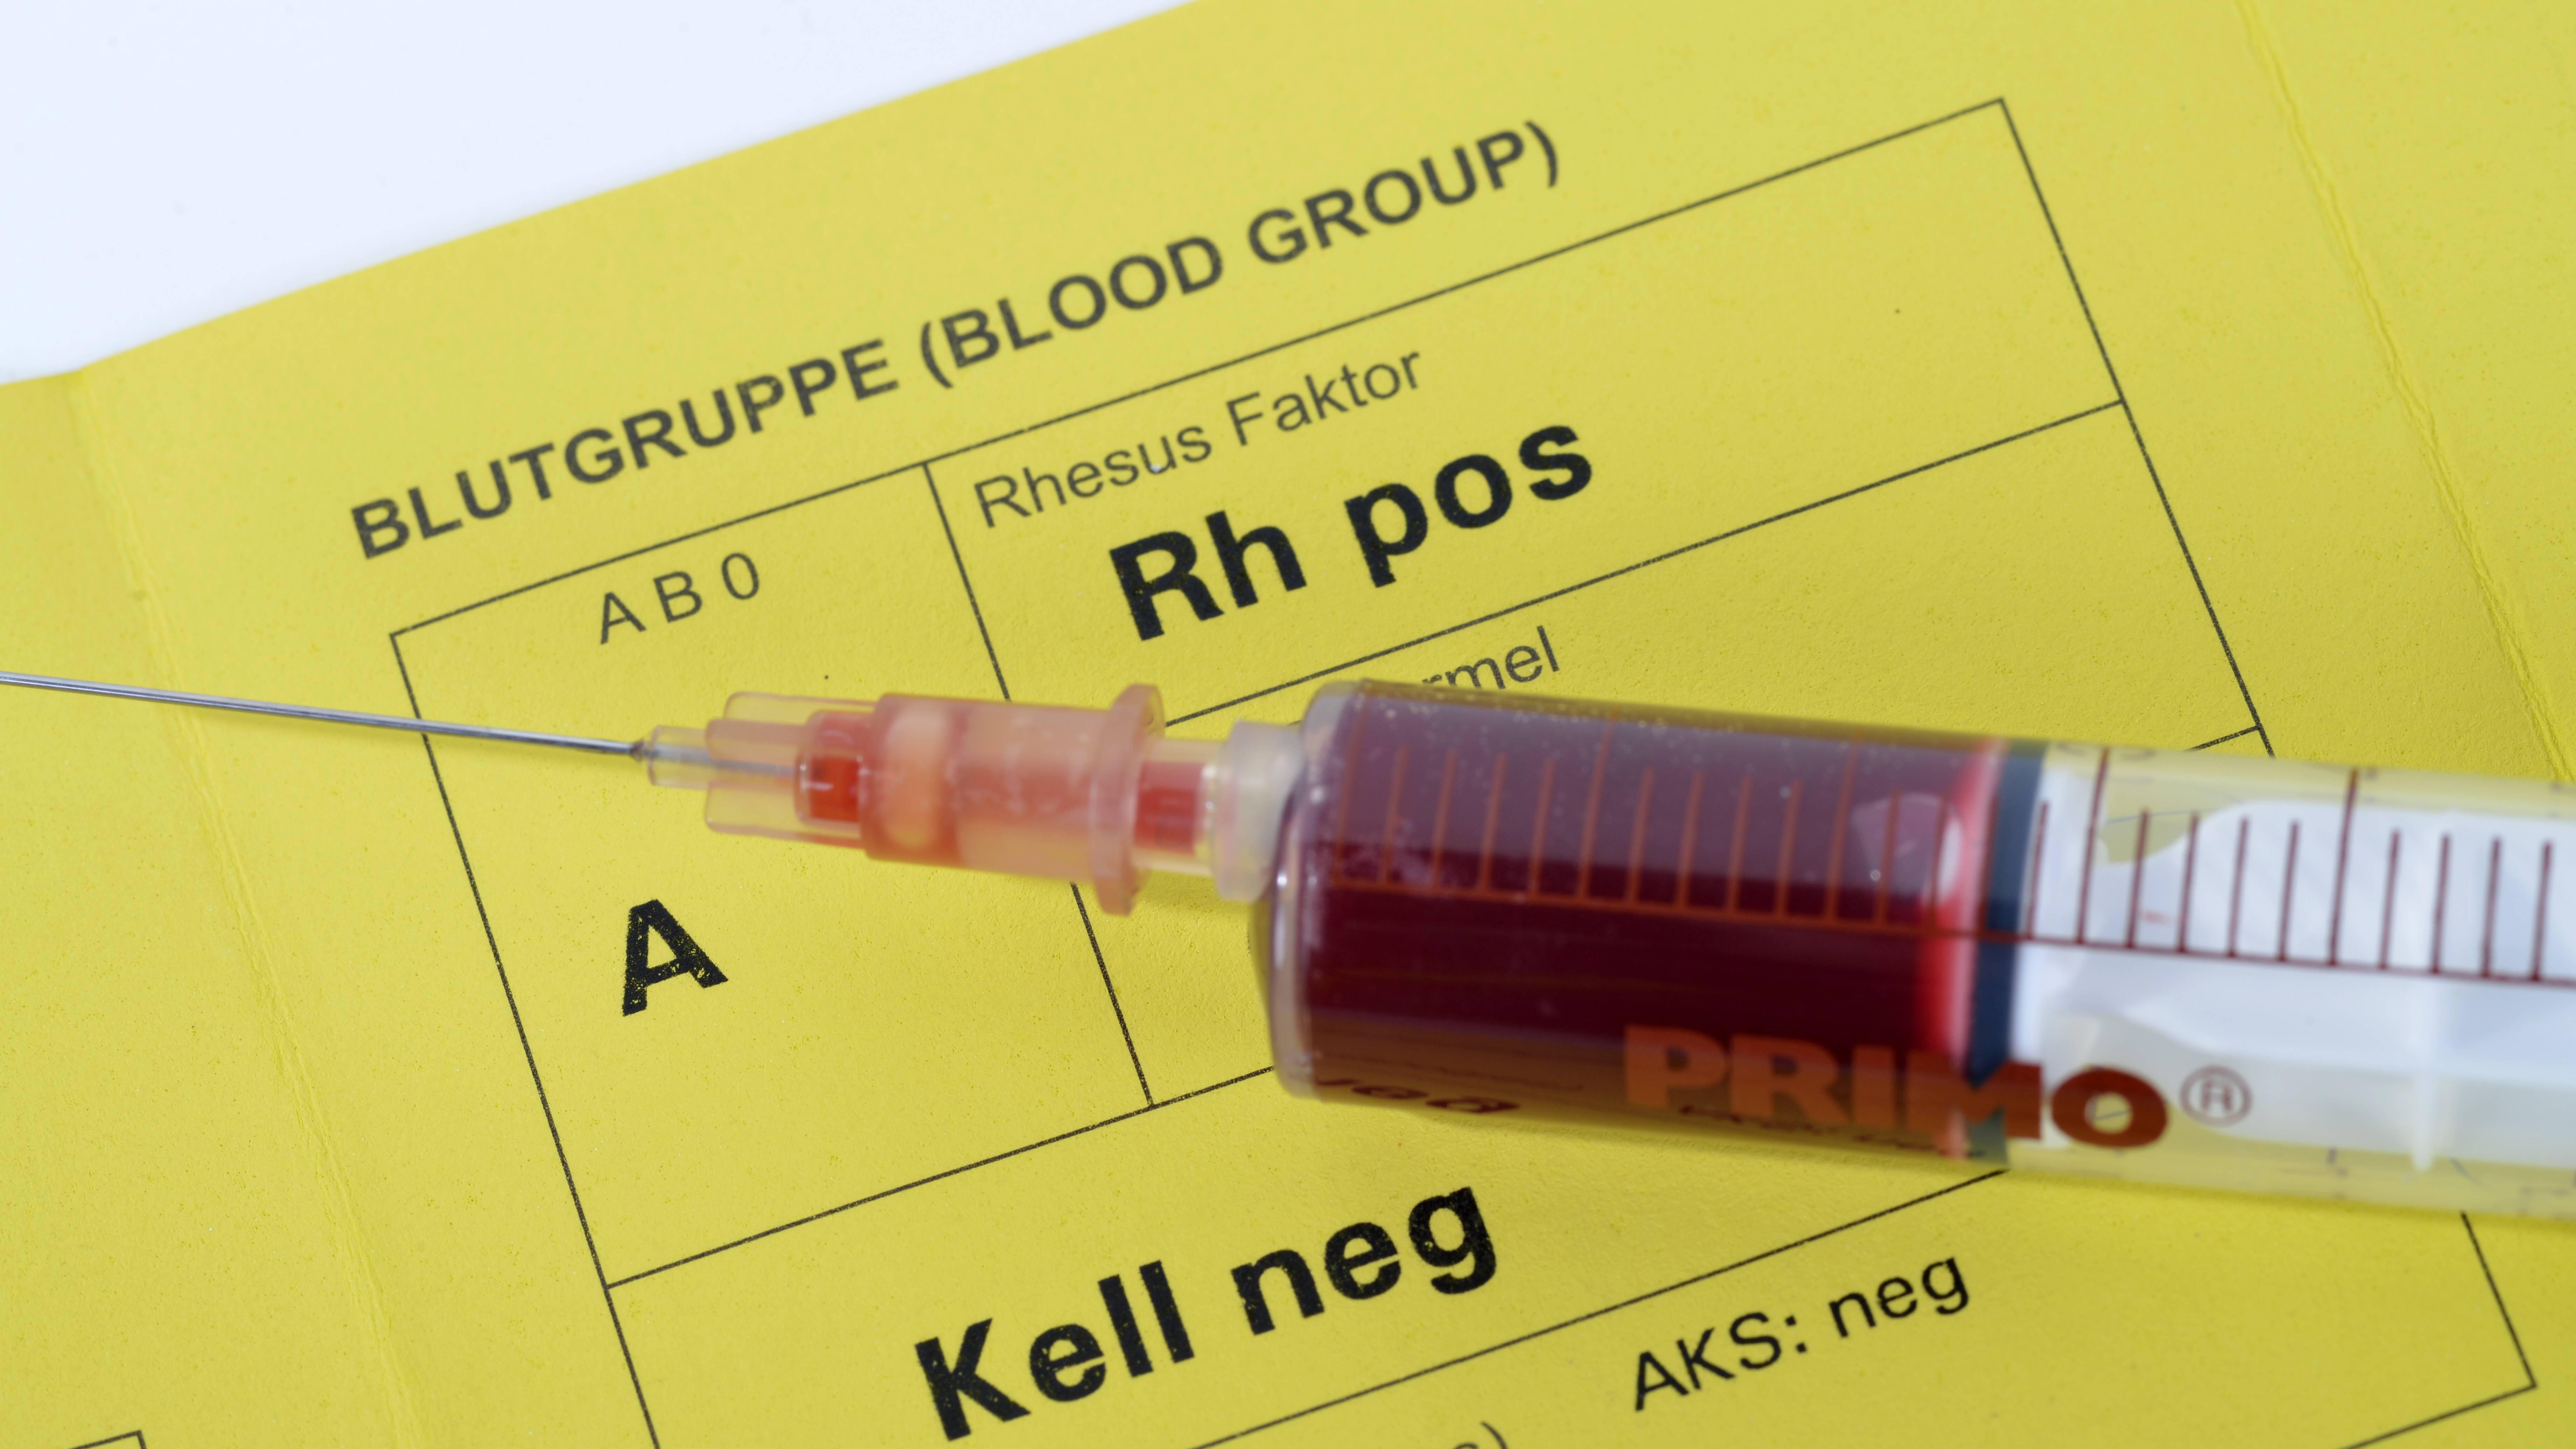 Blutgruppenbestimmung: Wie finde ich meine Blutgruppe heraus?